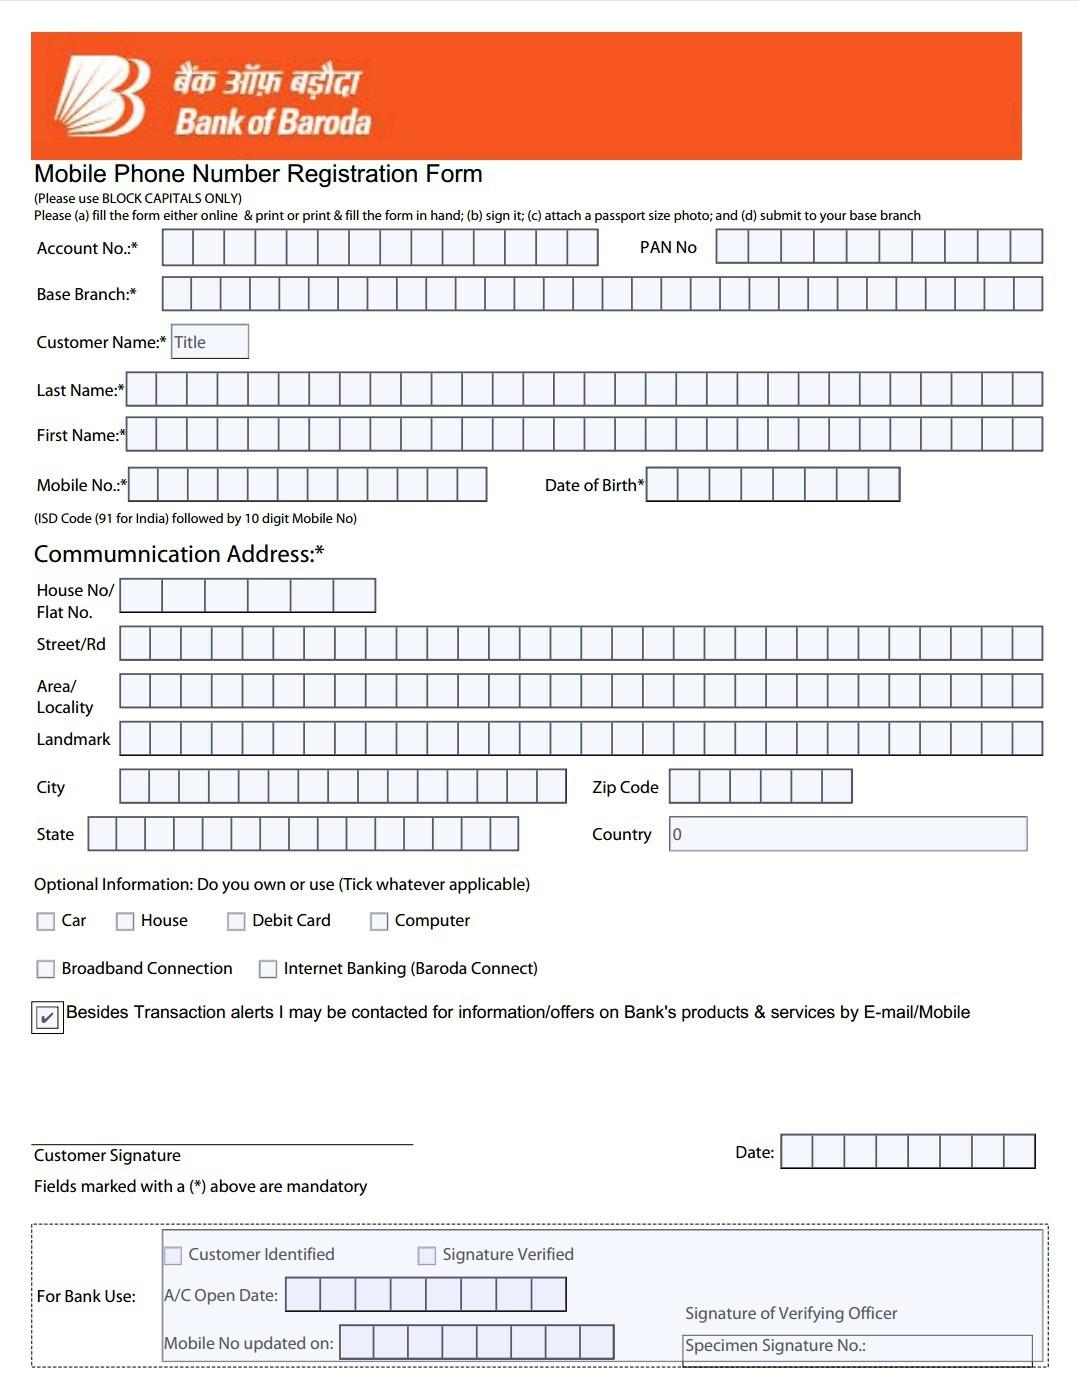 Bob mobile number registration form